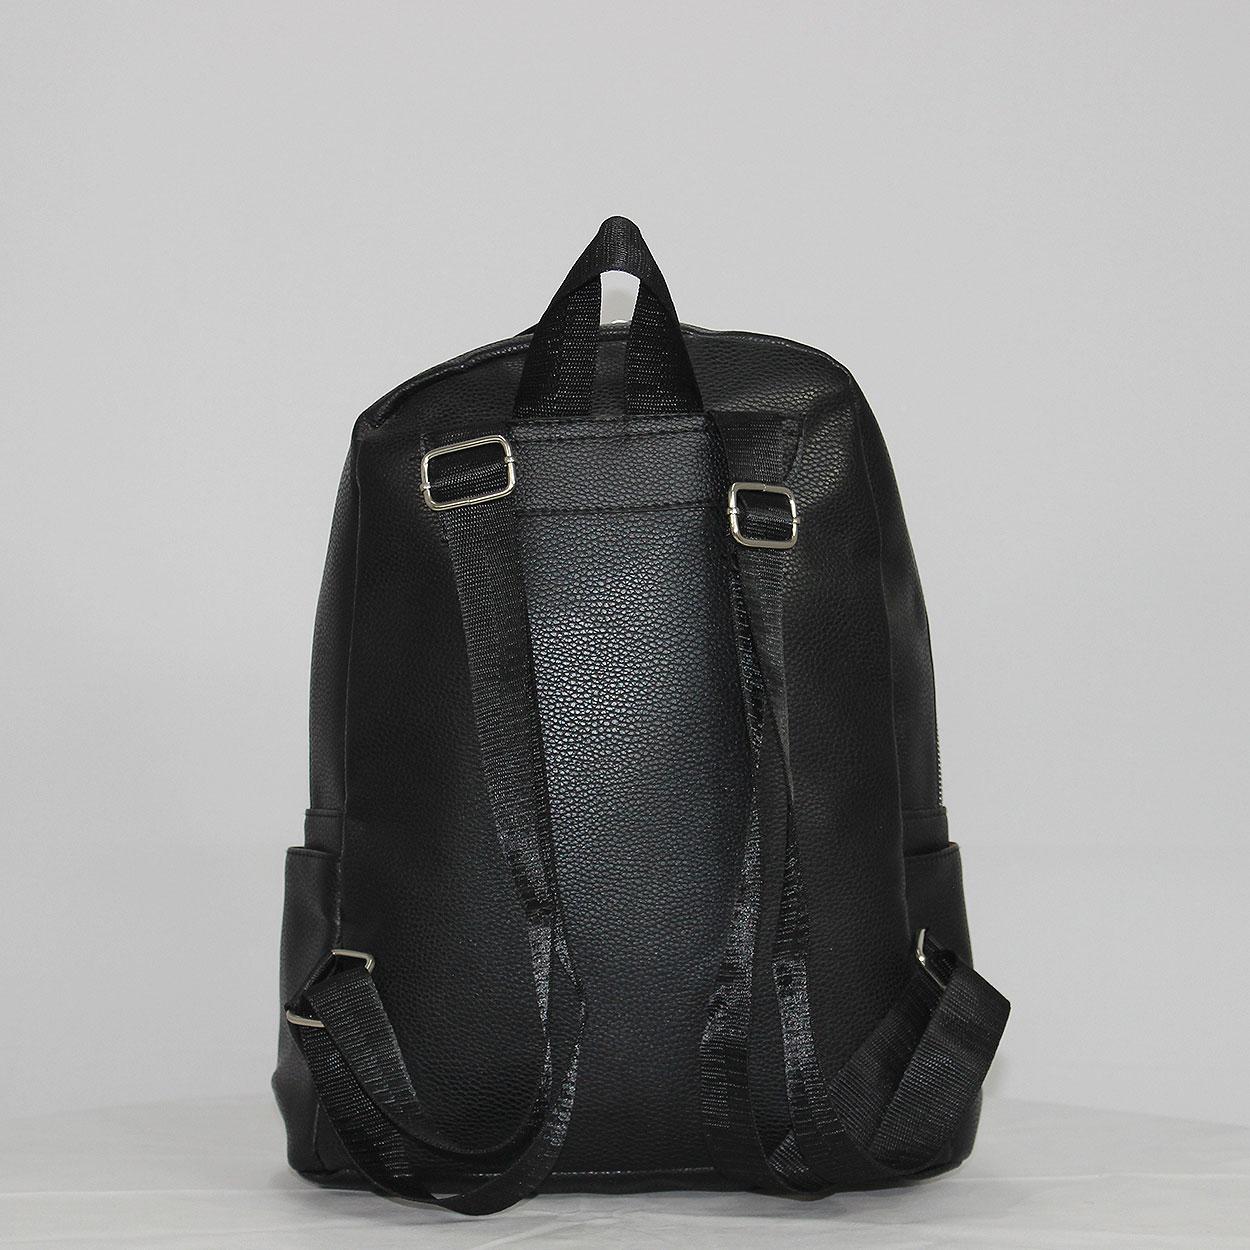 Mochila Gbazar Leather One